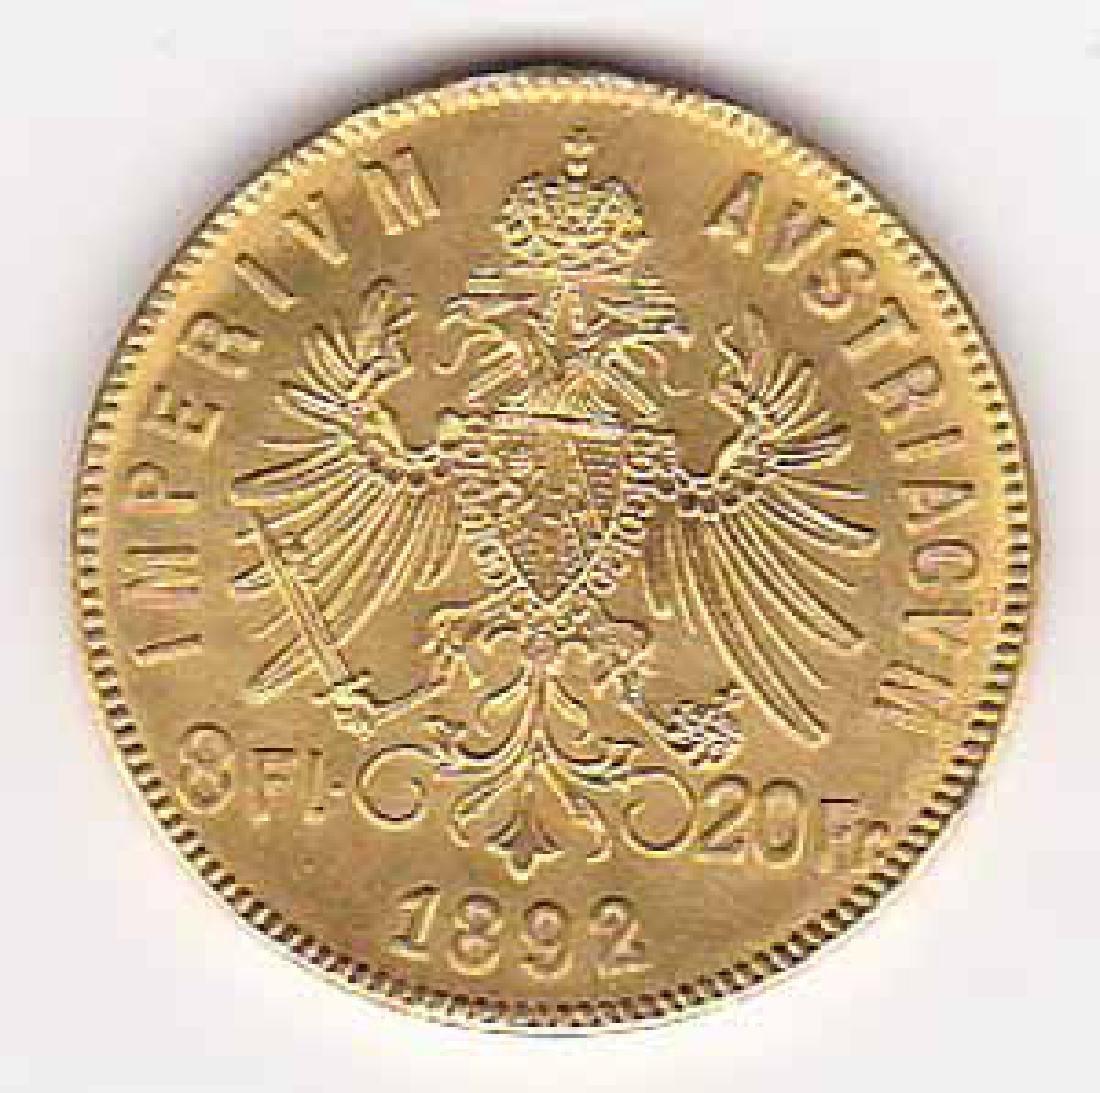 Austria gold 8 florin 20 francs 1892